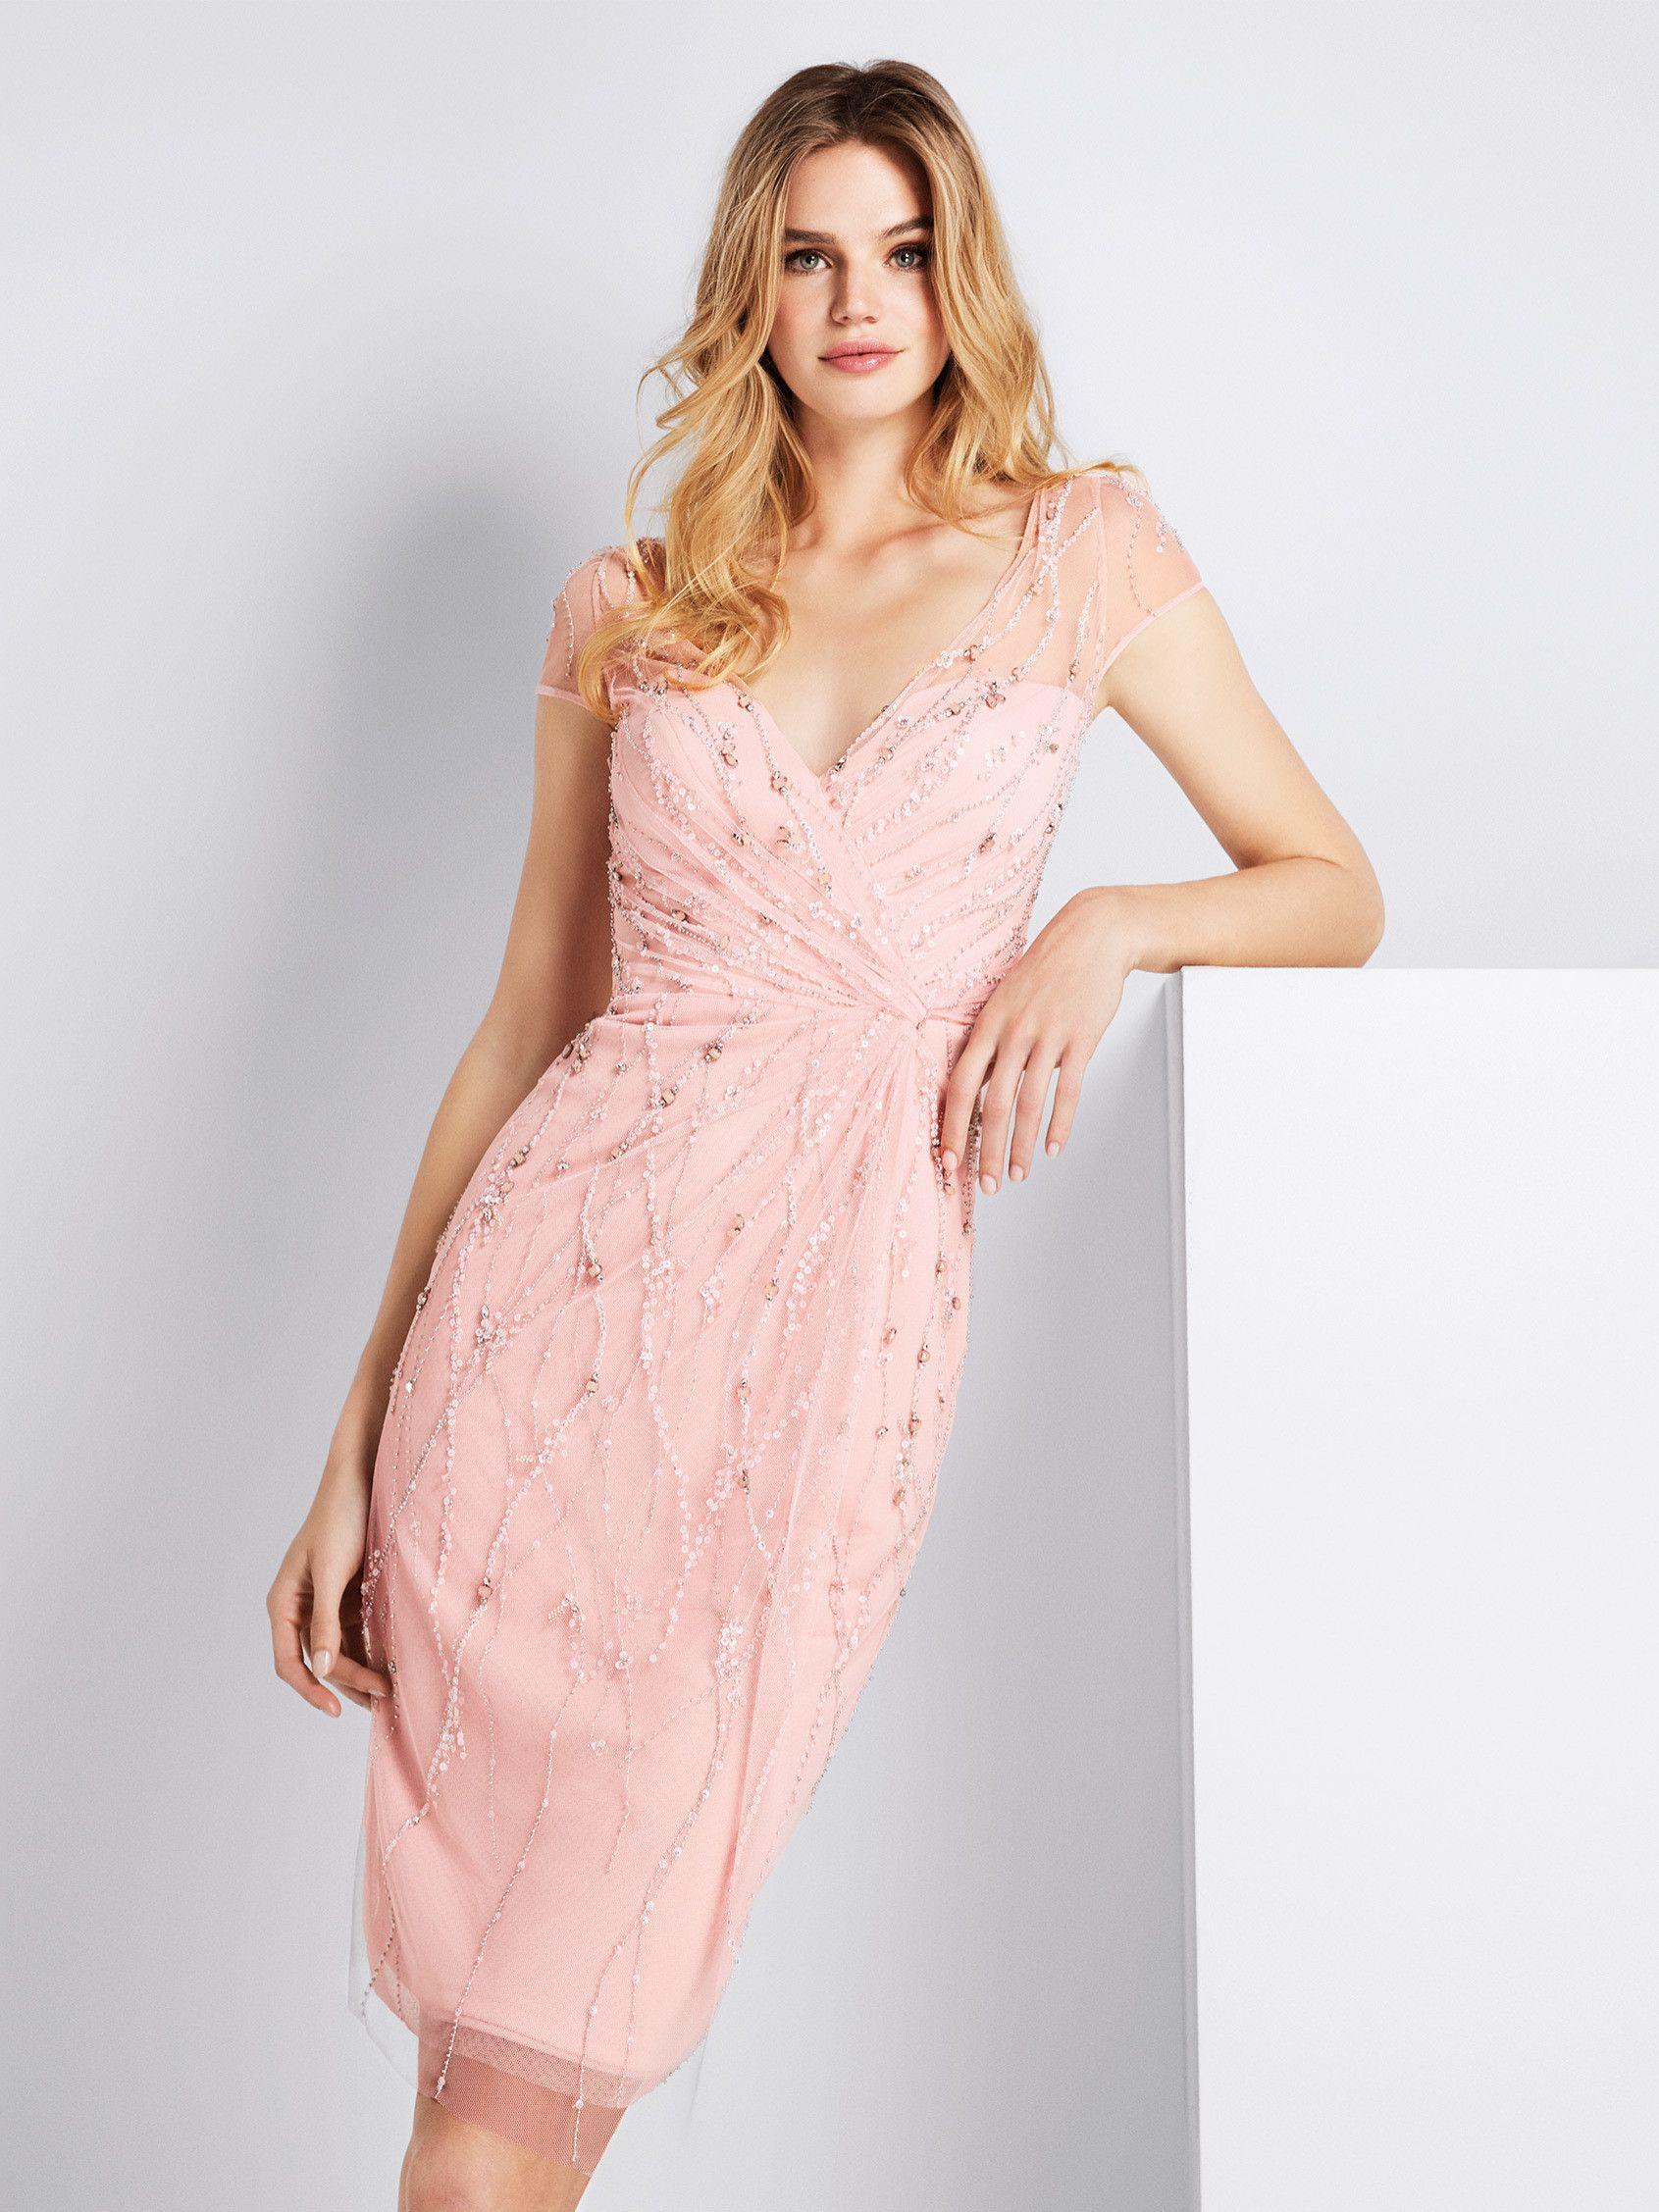 Vestido de cóctel rosa - Colección fiesta 2018 Pronovias | vestido ...